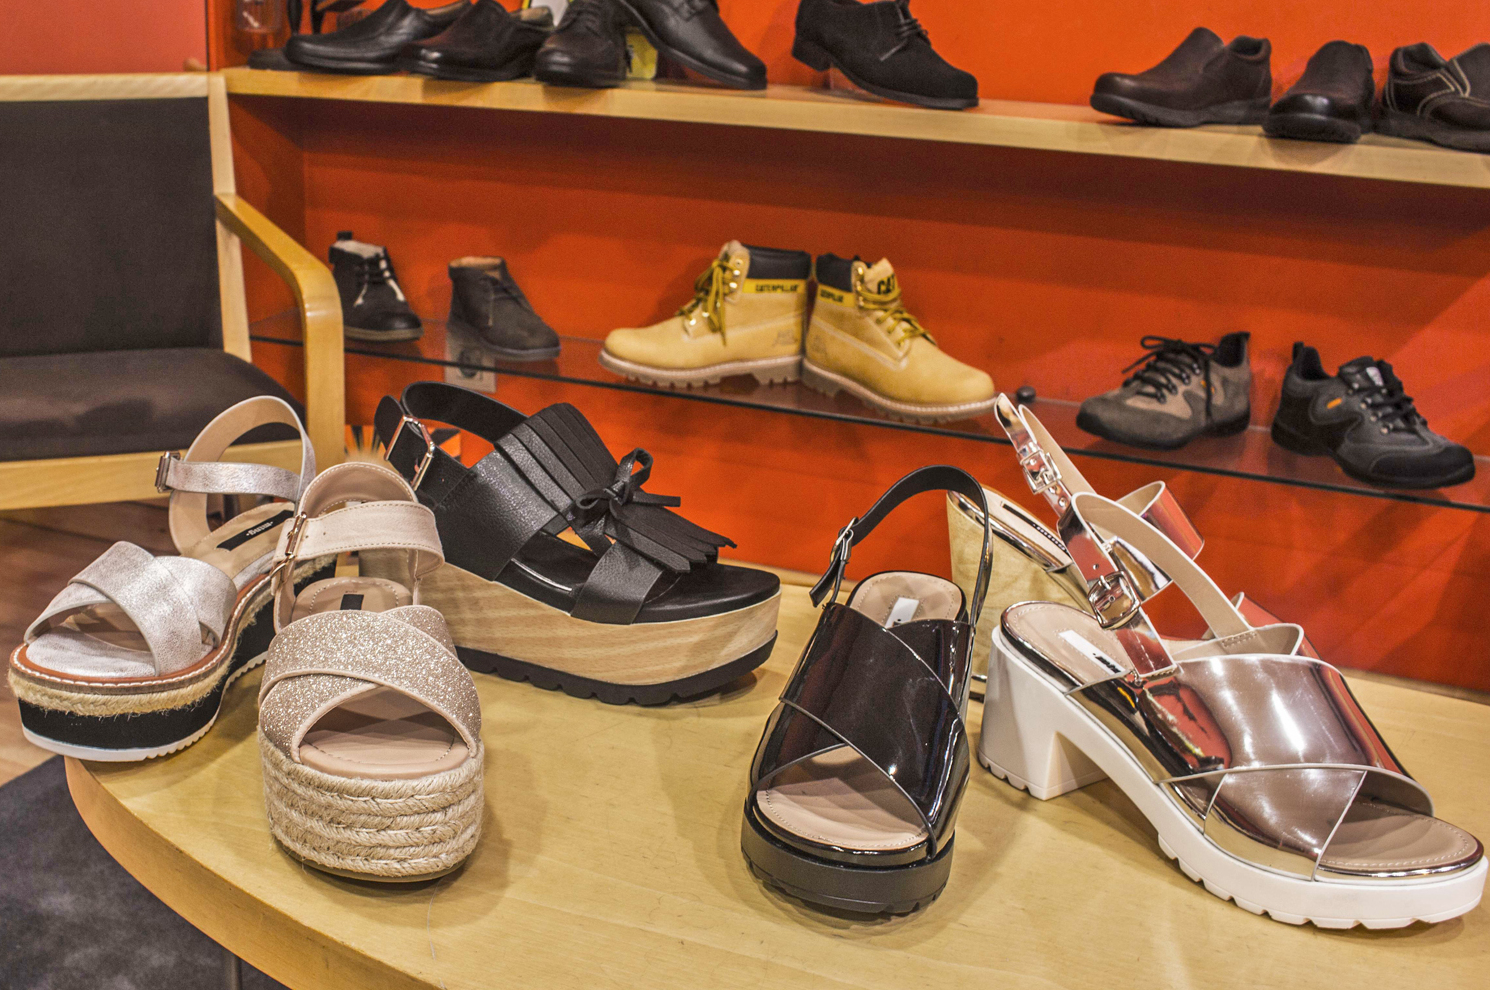 Sandalias para señora de diversos estilos para el verano en Arteixo